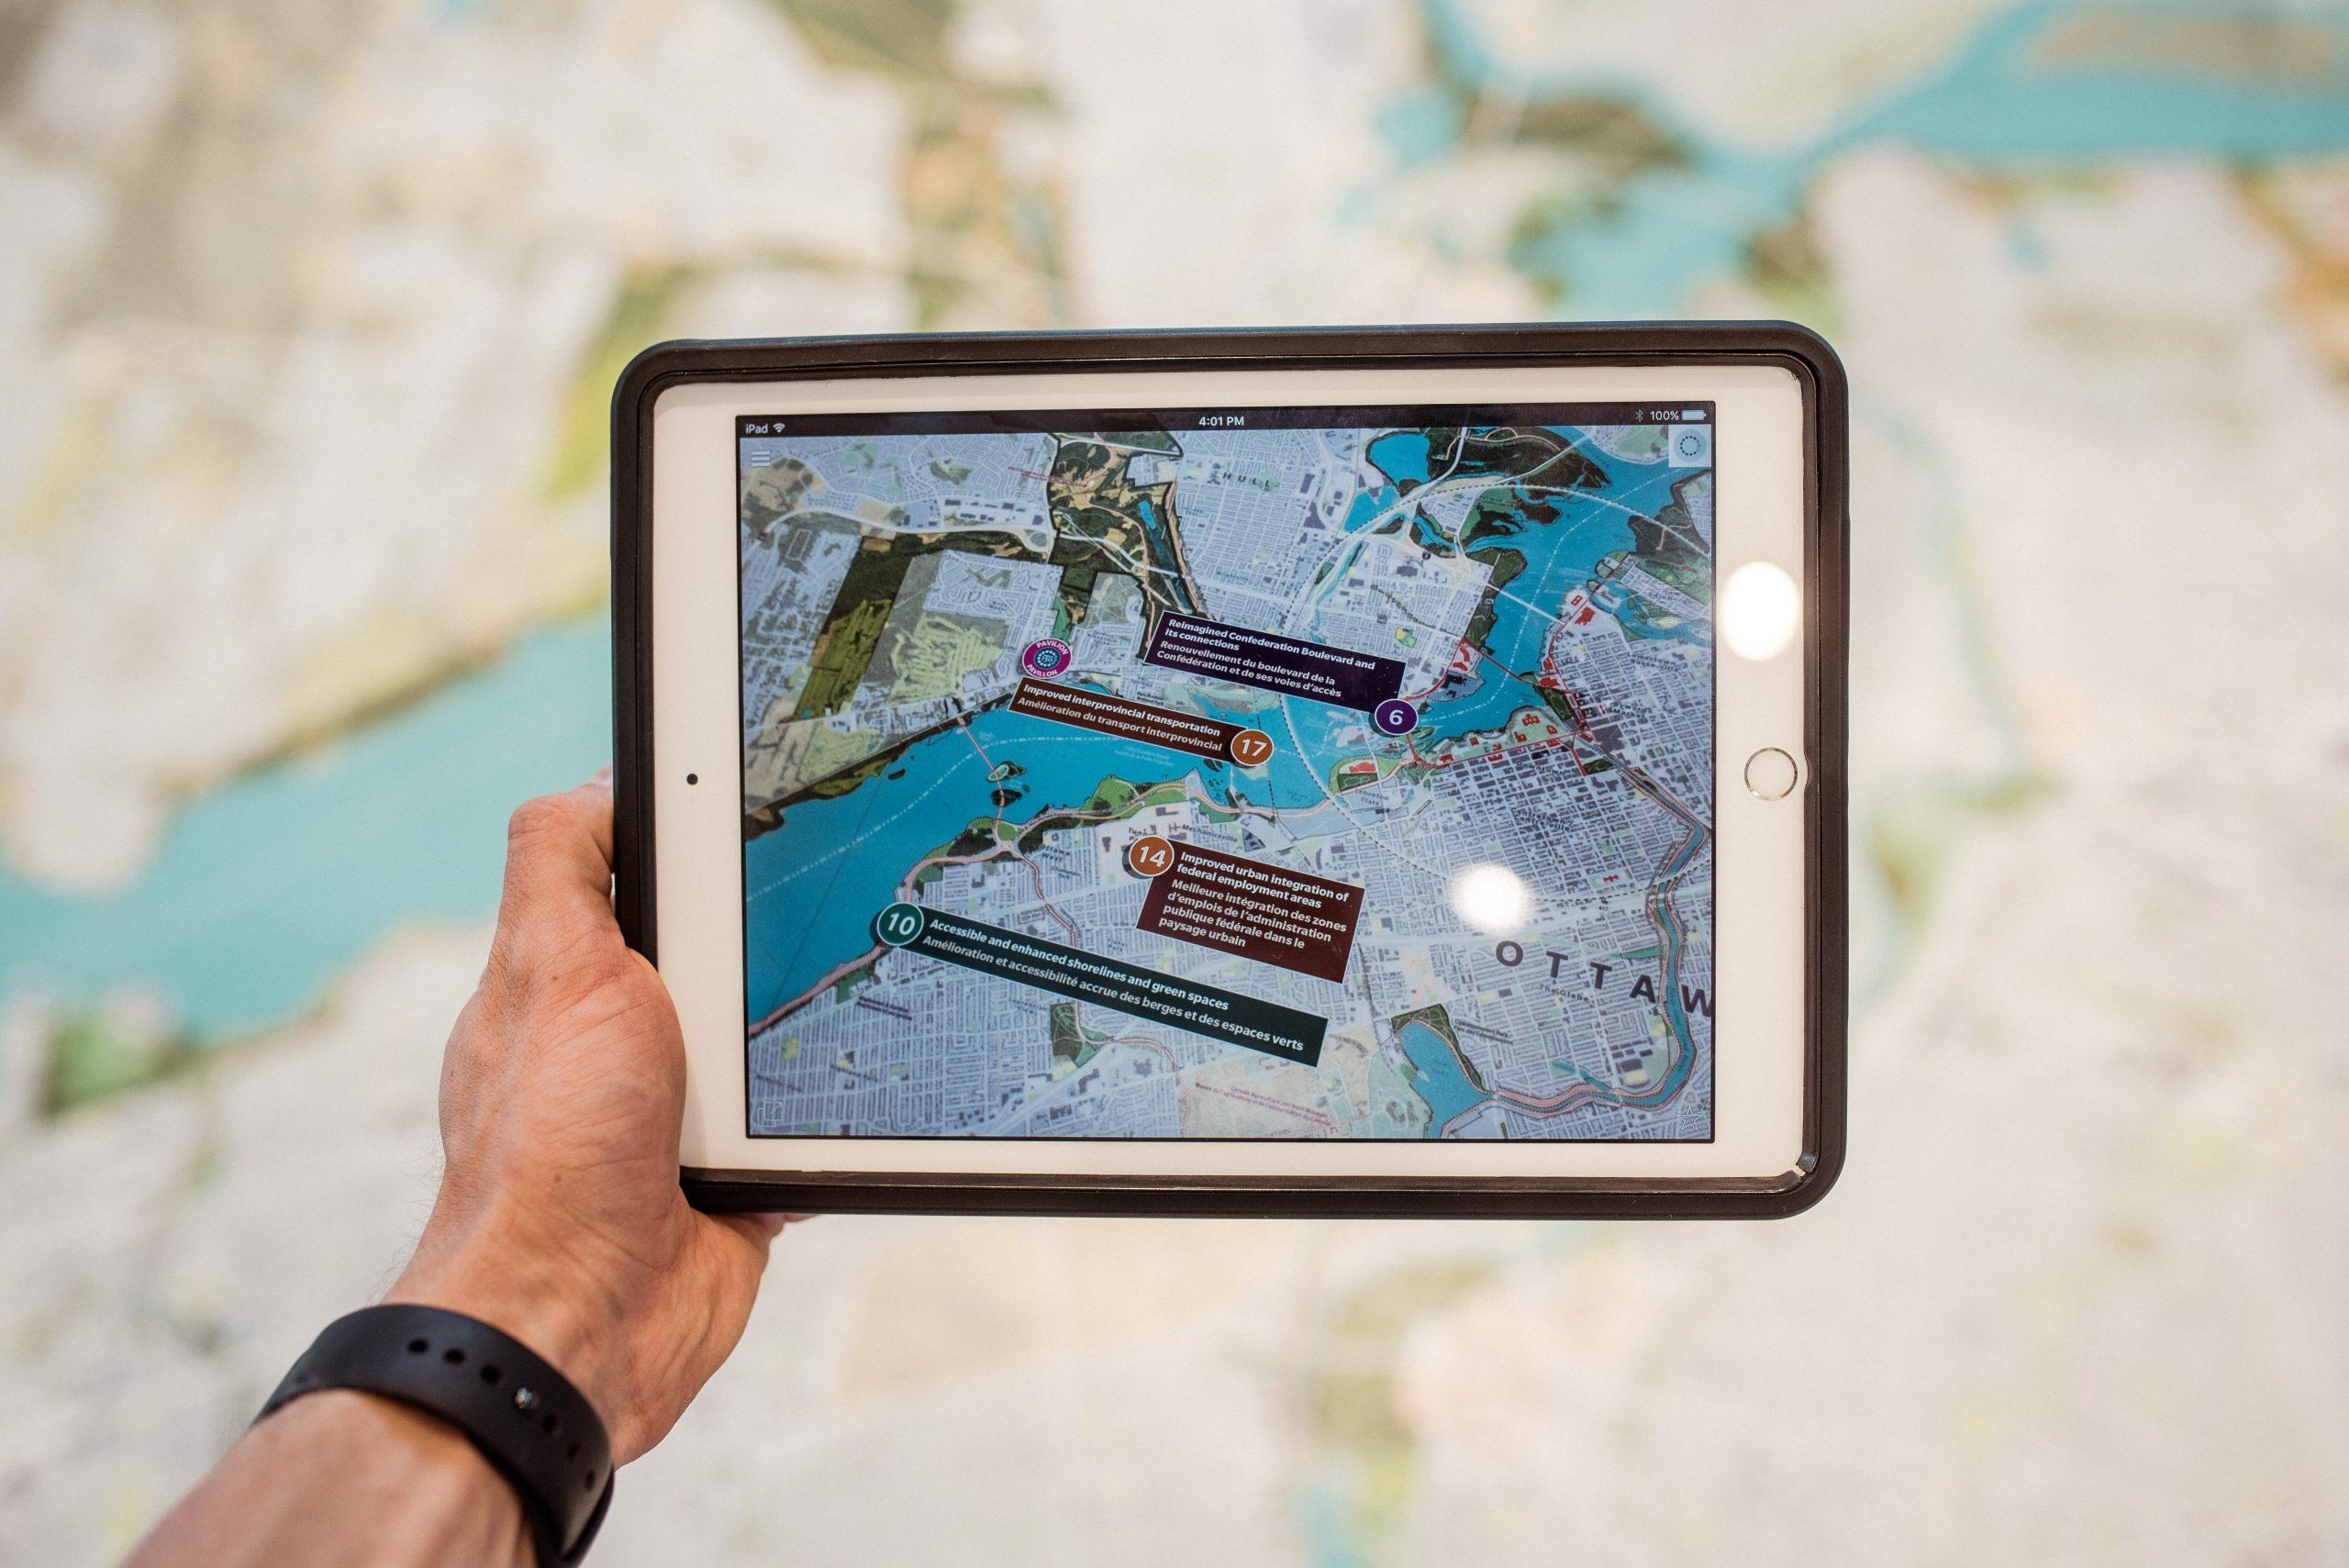 Rozszerzona rzeczywistość - 10 rewolucyjnych aplikacji, które musisz poznać